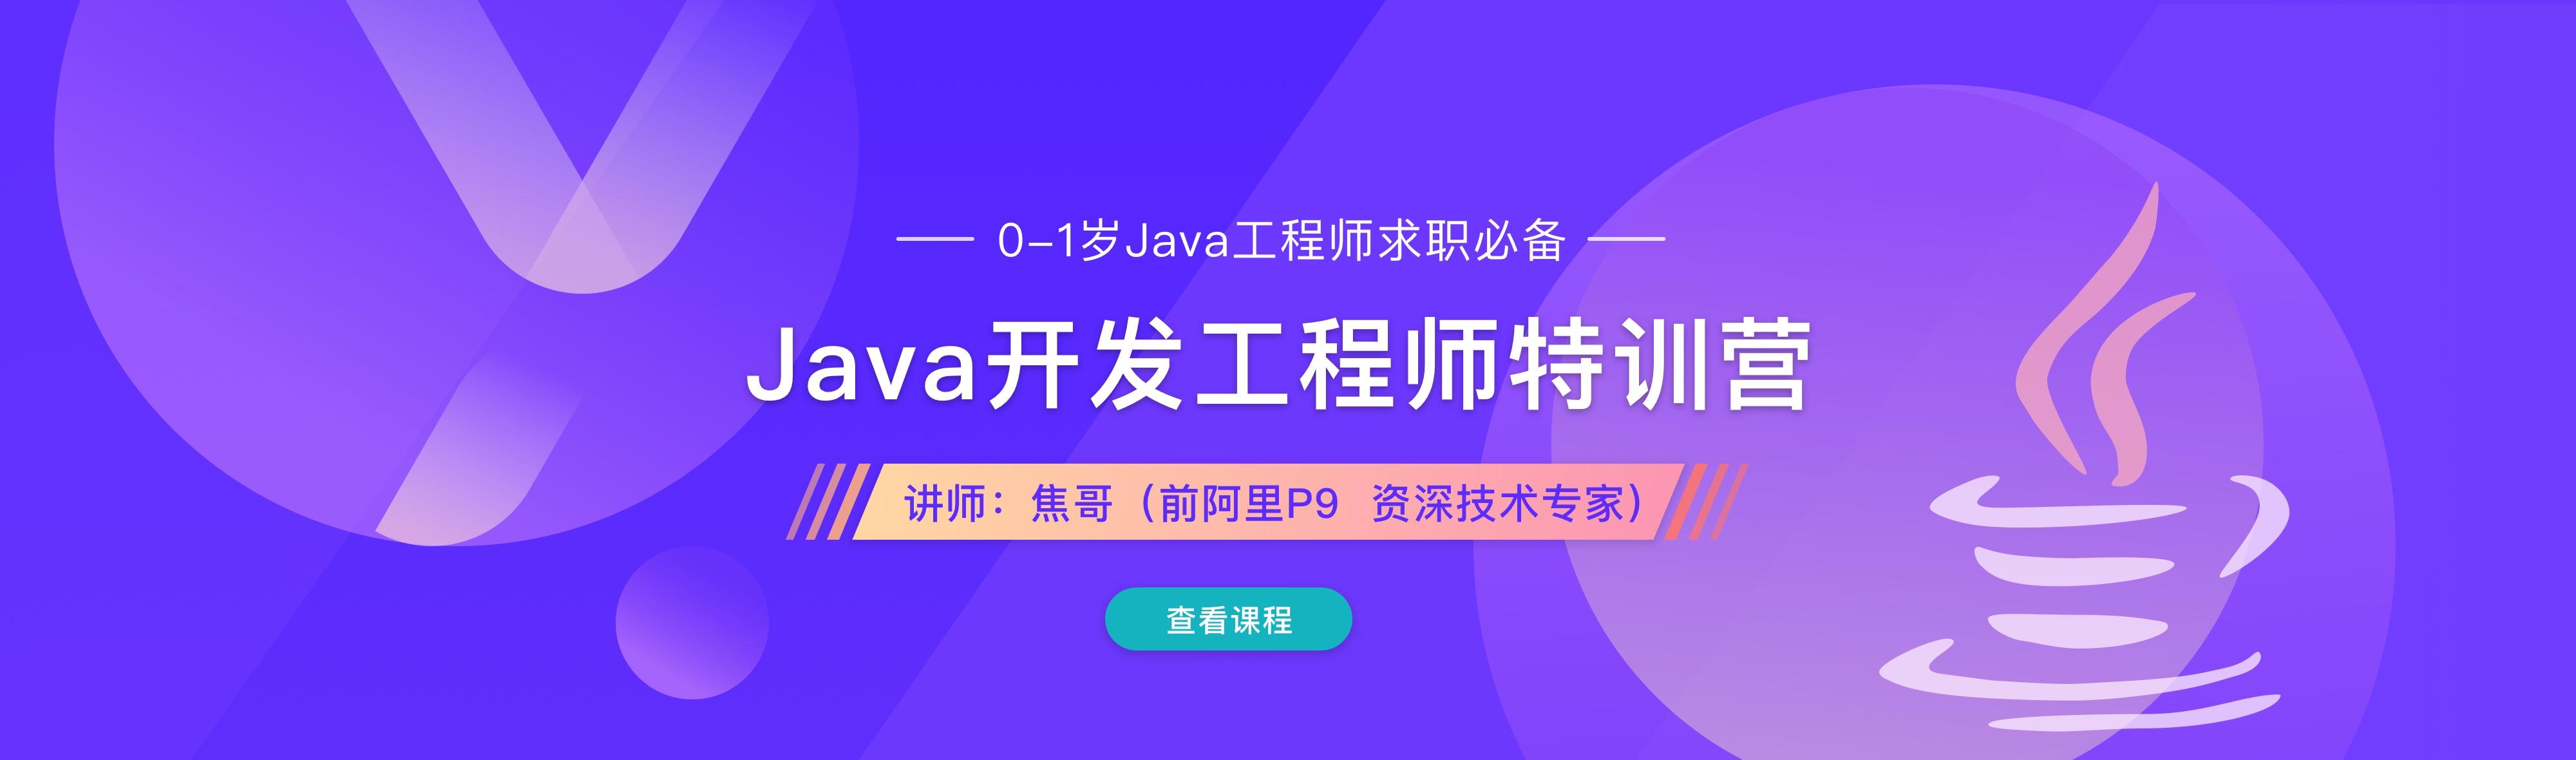 Java开发工程师特训营